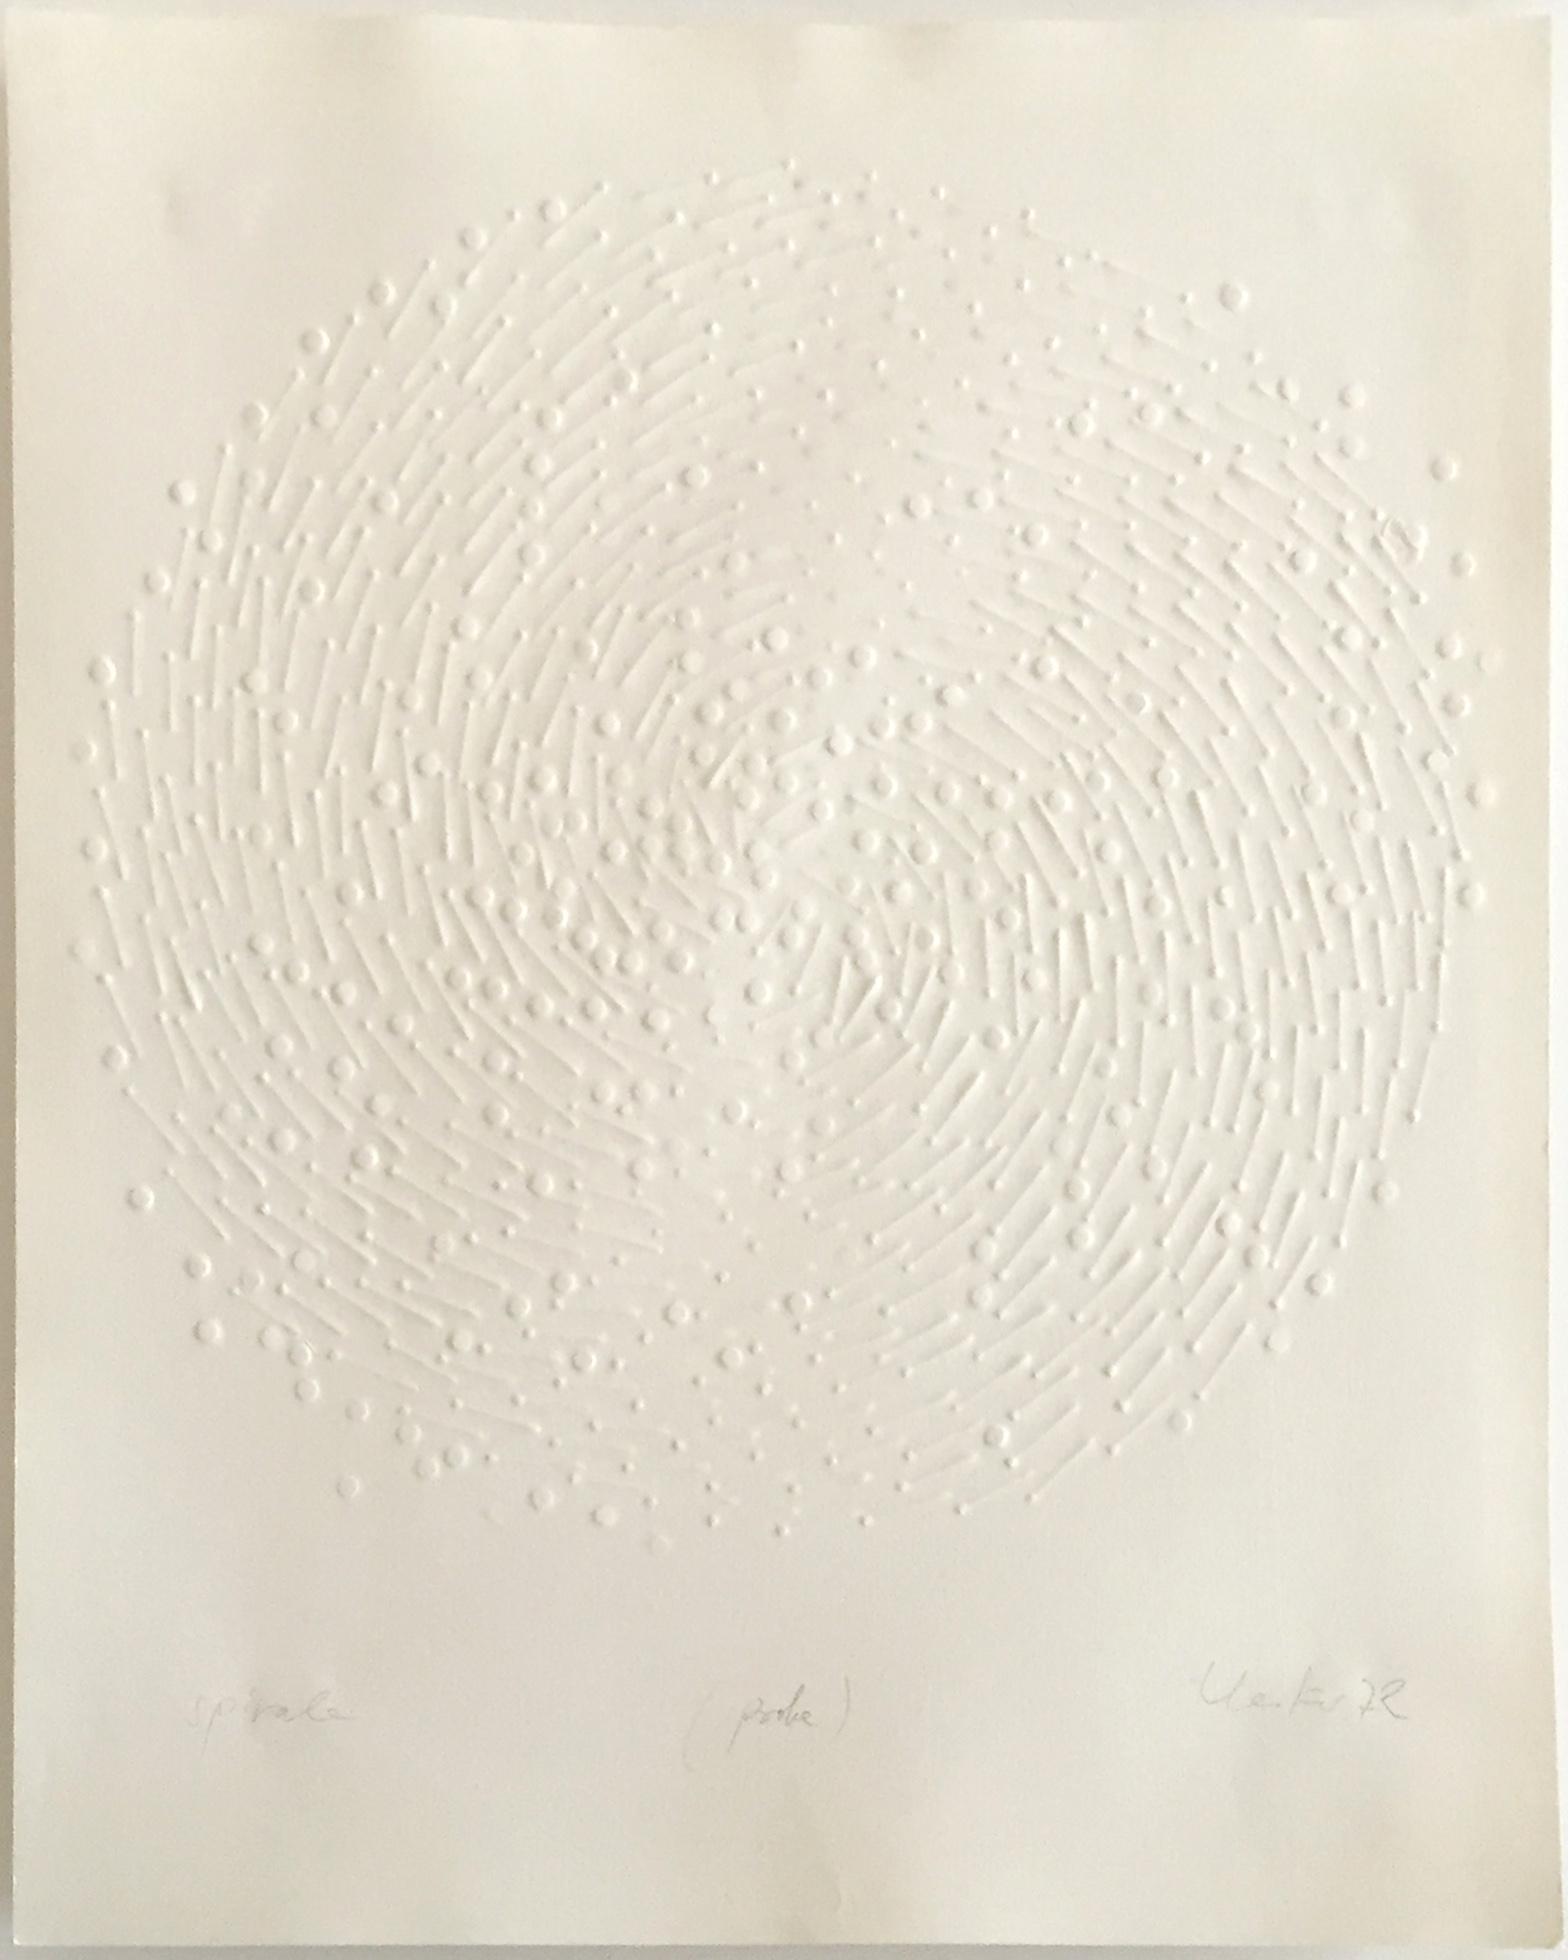 Günther Uecker Prägedruck, Spirale, 1972